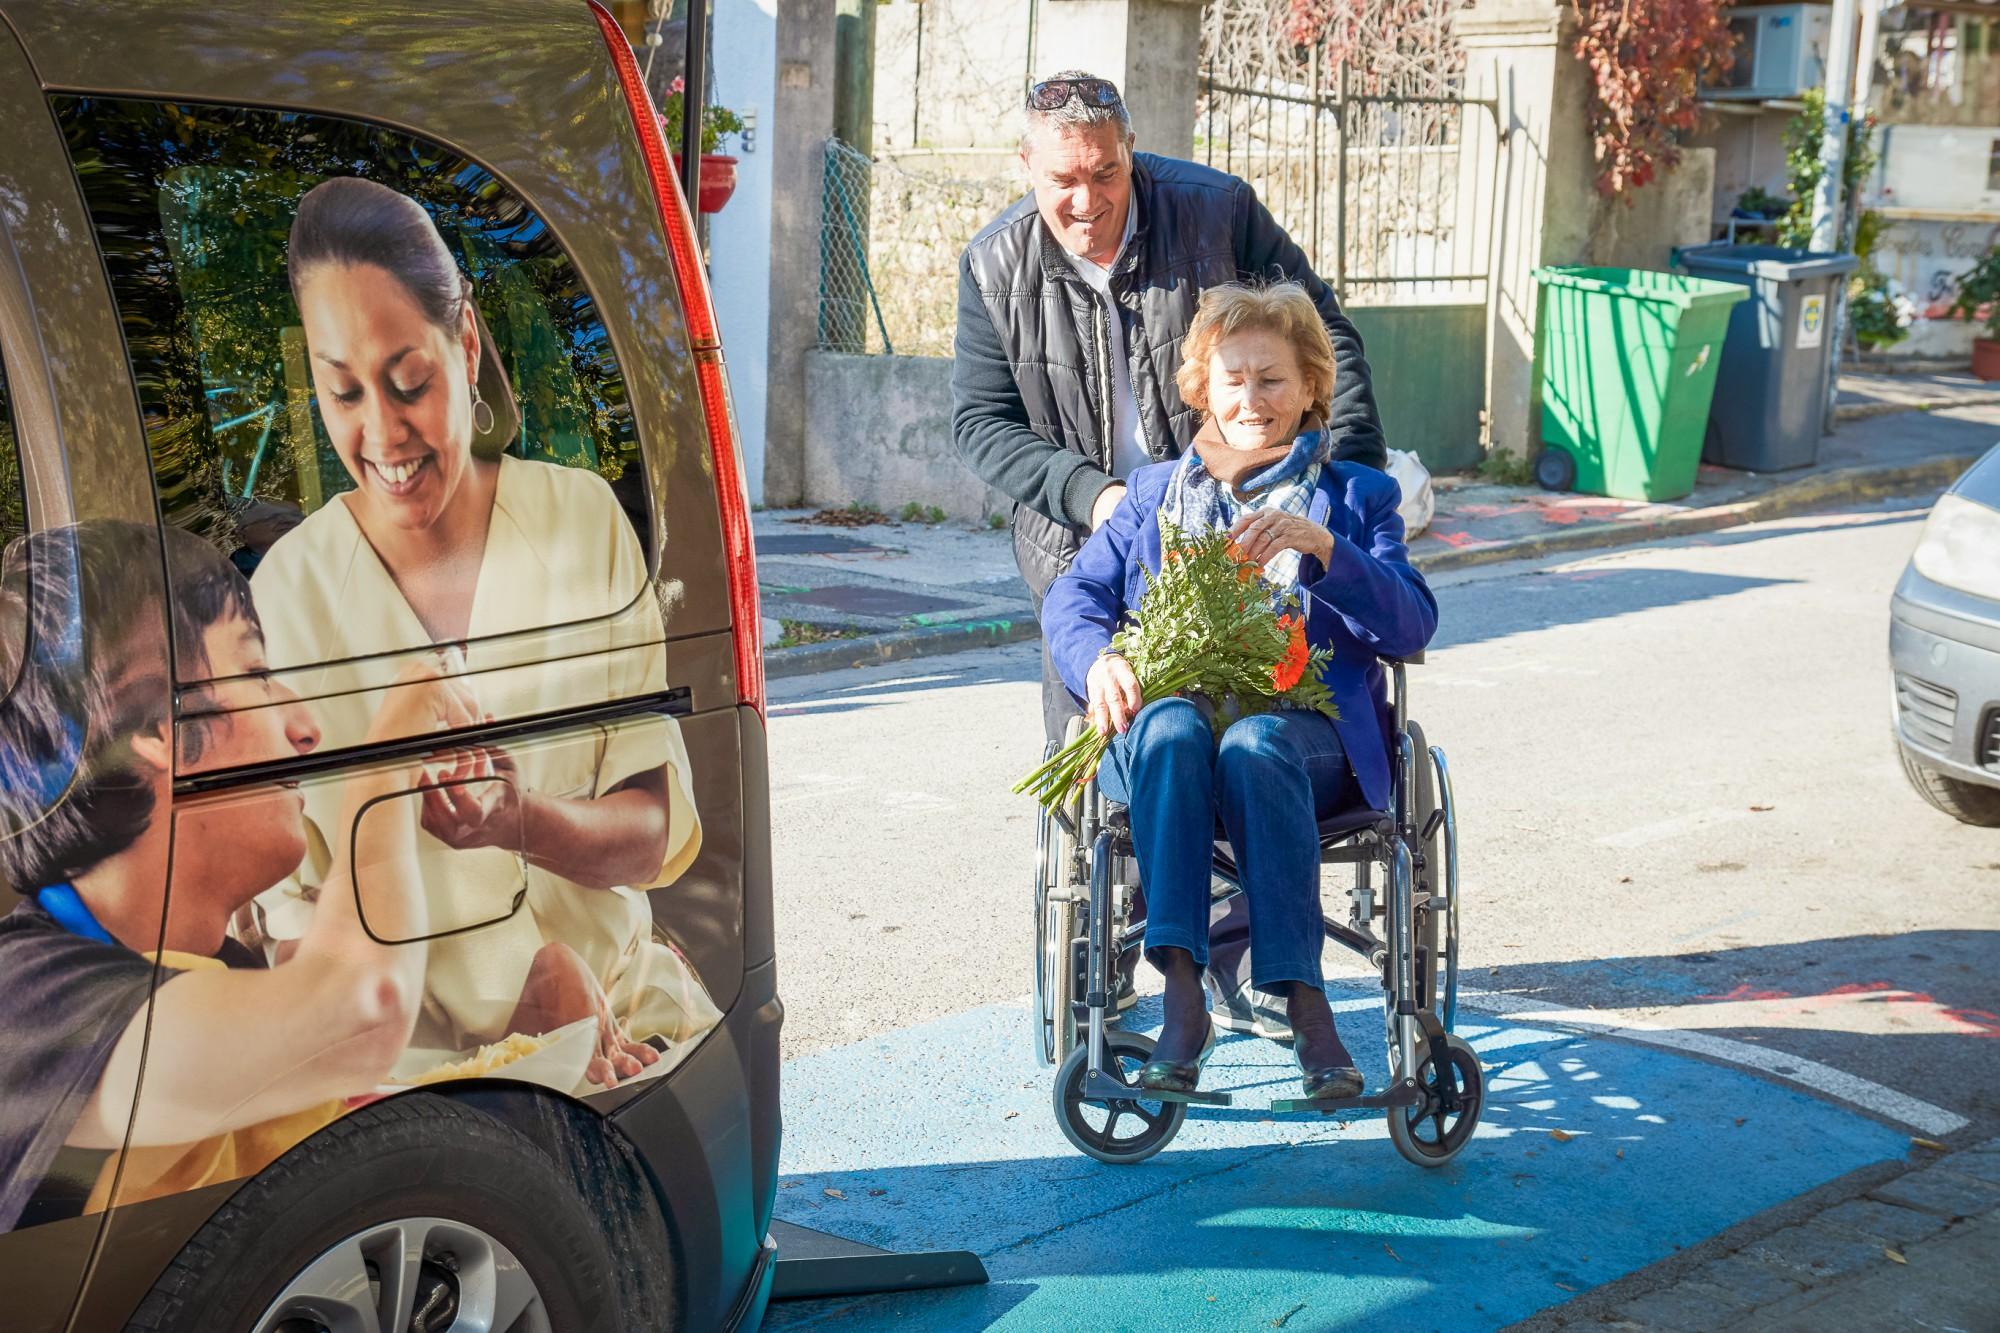 Comment bénéficier d'une aide à domicile lorsque l'on est en situation de handicap ?